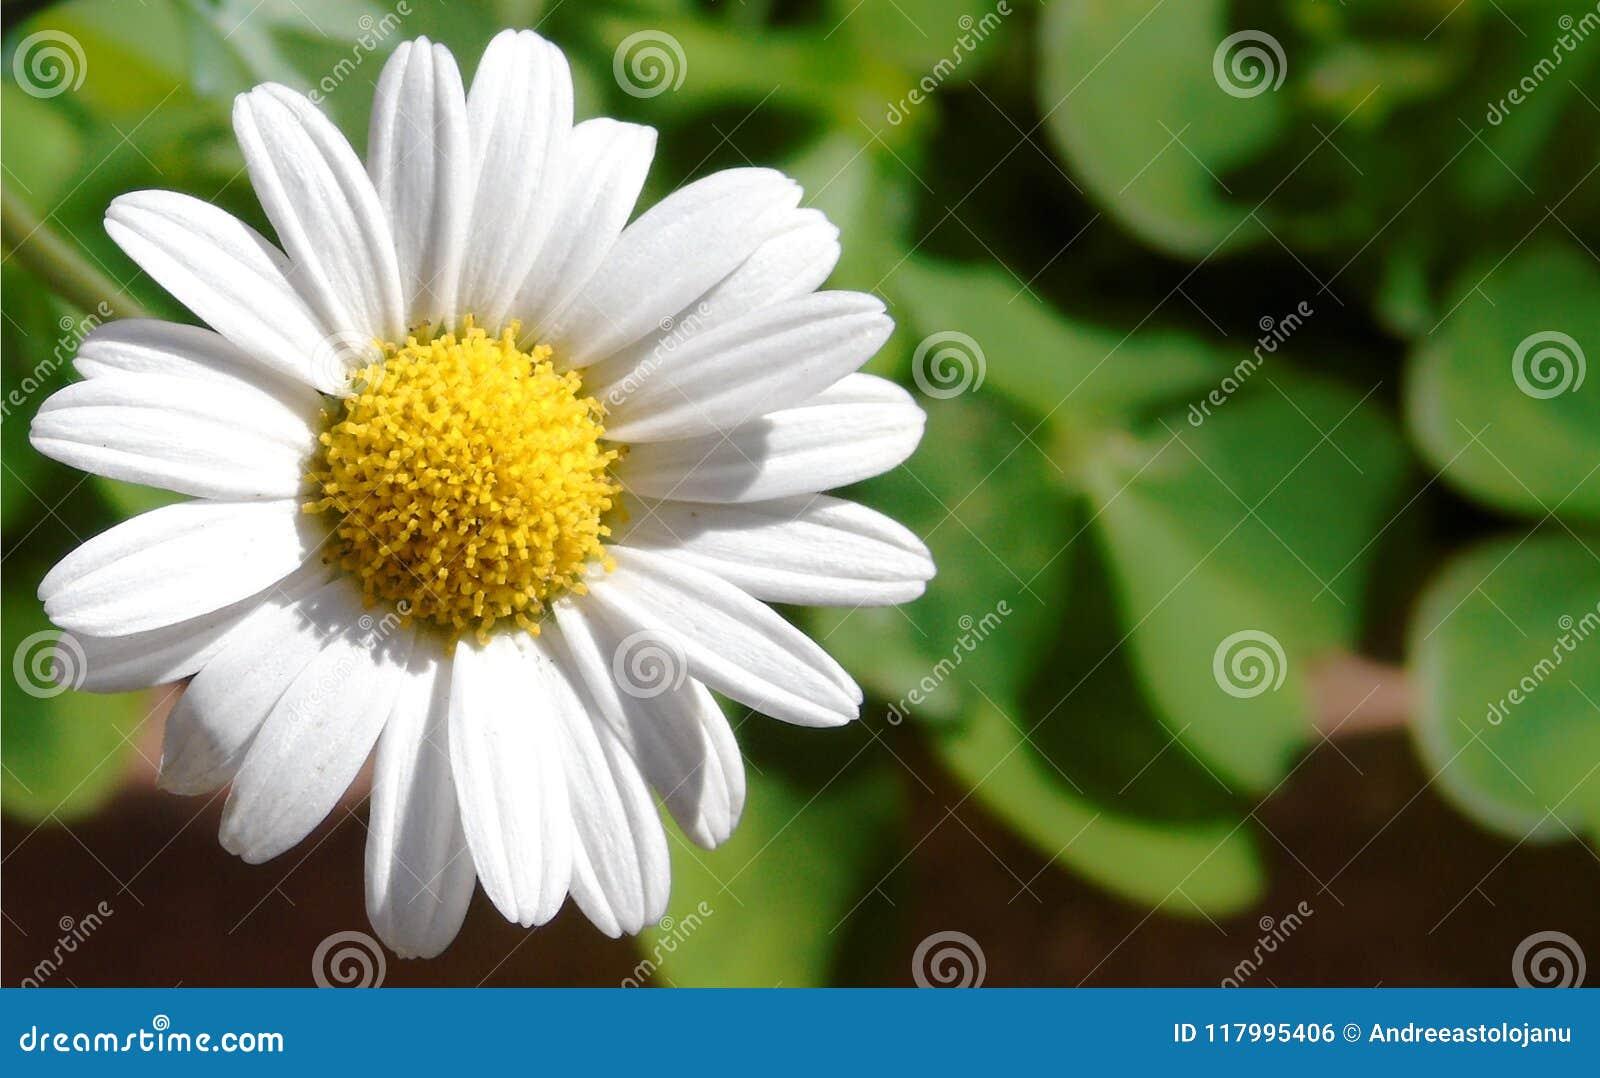 Primer de una pequeña margarita blanca, perfectamente alrededor de la flor